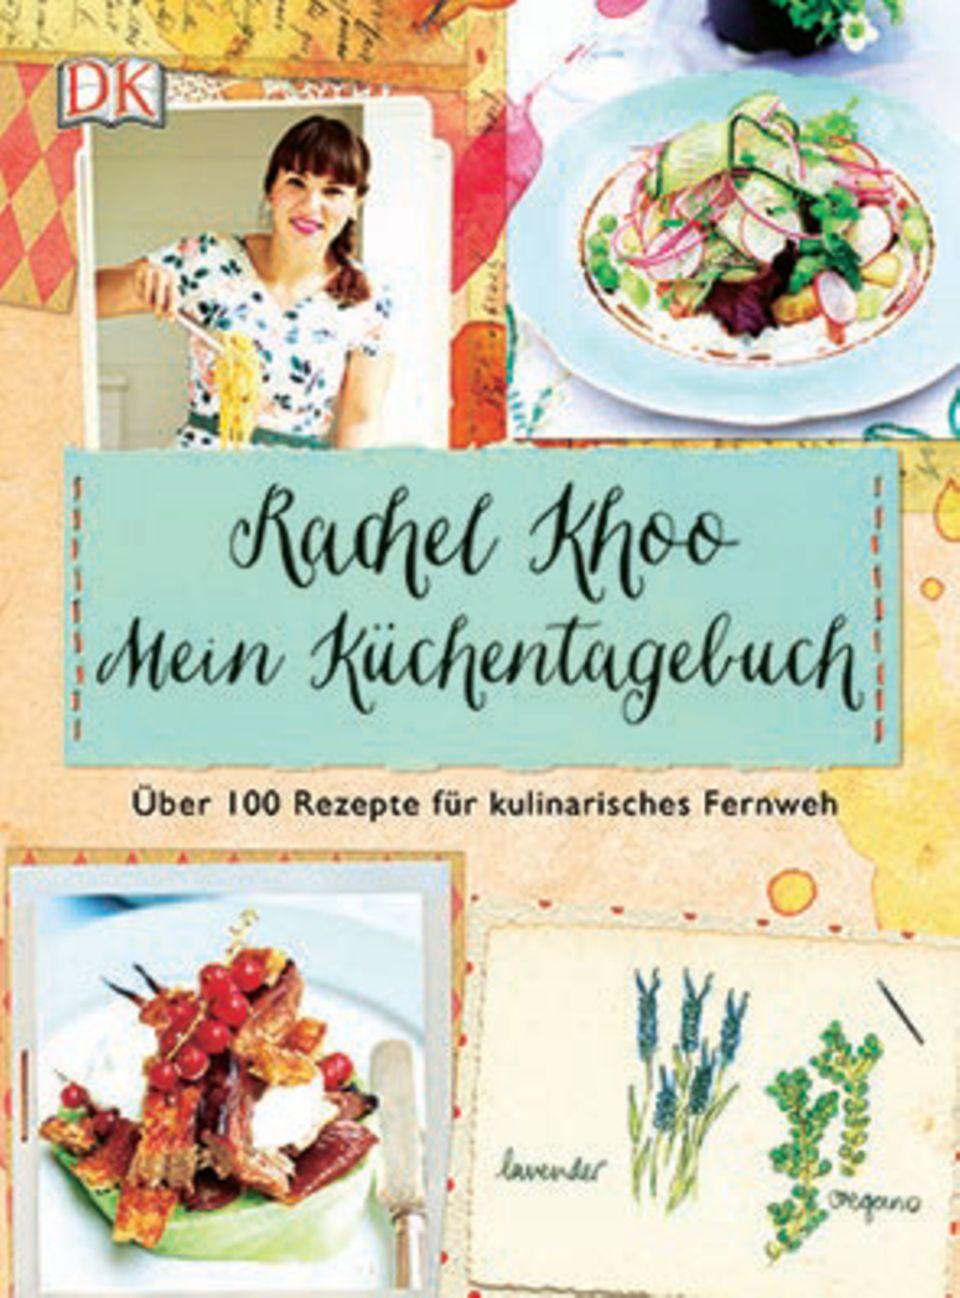 """Der dritte Streich der britischen Küchenfee Rachel Khoo ist ihr persönlichster: Mit Rezepten wie Puffreisfisch mit Minz-Erbsen-püree und Pistazien-Granatap¬fel-Kuchen serviert sie ihren gesammelten kulinarischen Mix der Kulturen und lässt uns ihre absoluten Favoriten kosten. (""""Rachel Khoo – Mein Küchentagebuch"""", Dorling Kindersley Verlag, 288 S., 24,95 Euro)"""